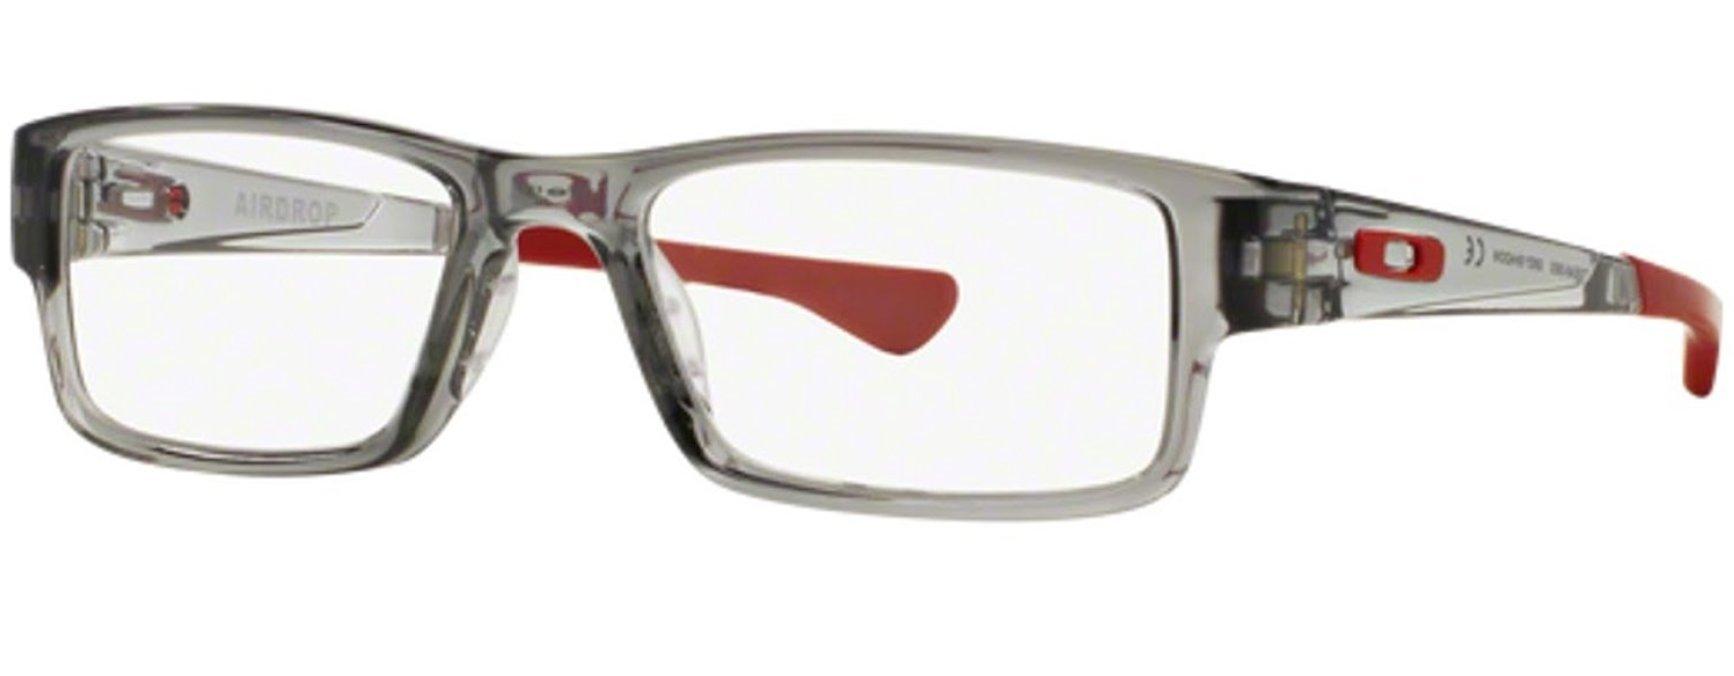 Oakley Airdrop OX8046-09 Eyeglasses 55mm by Oakley